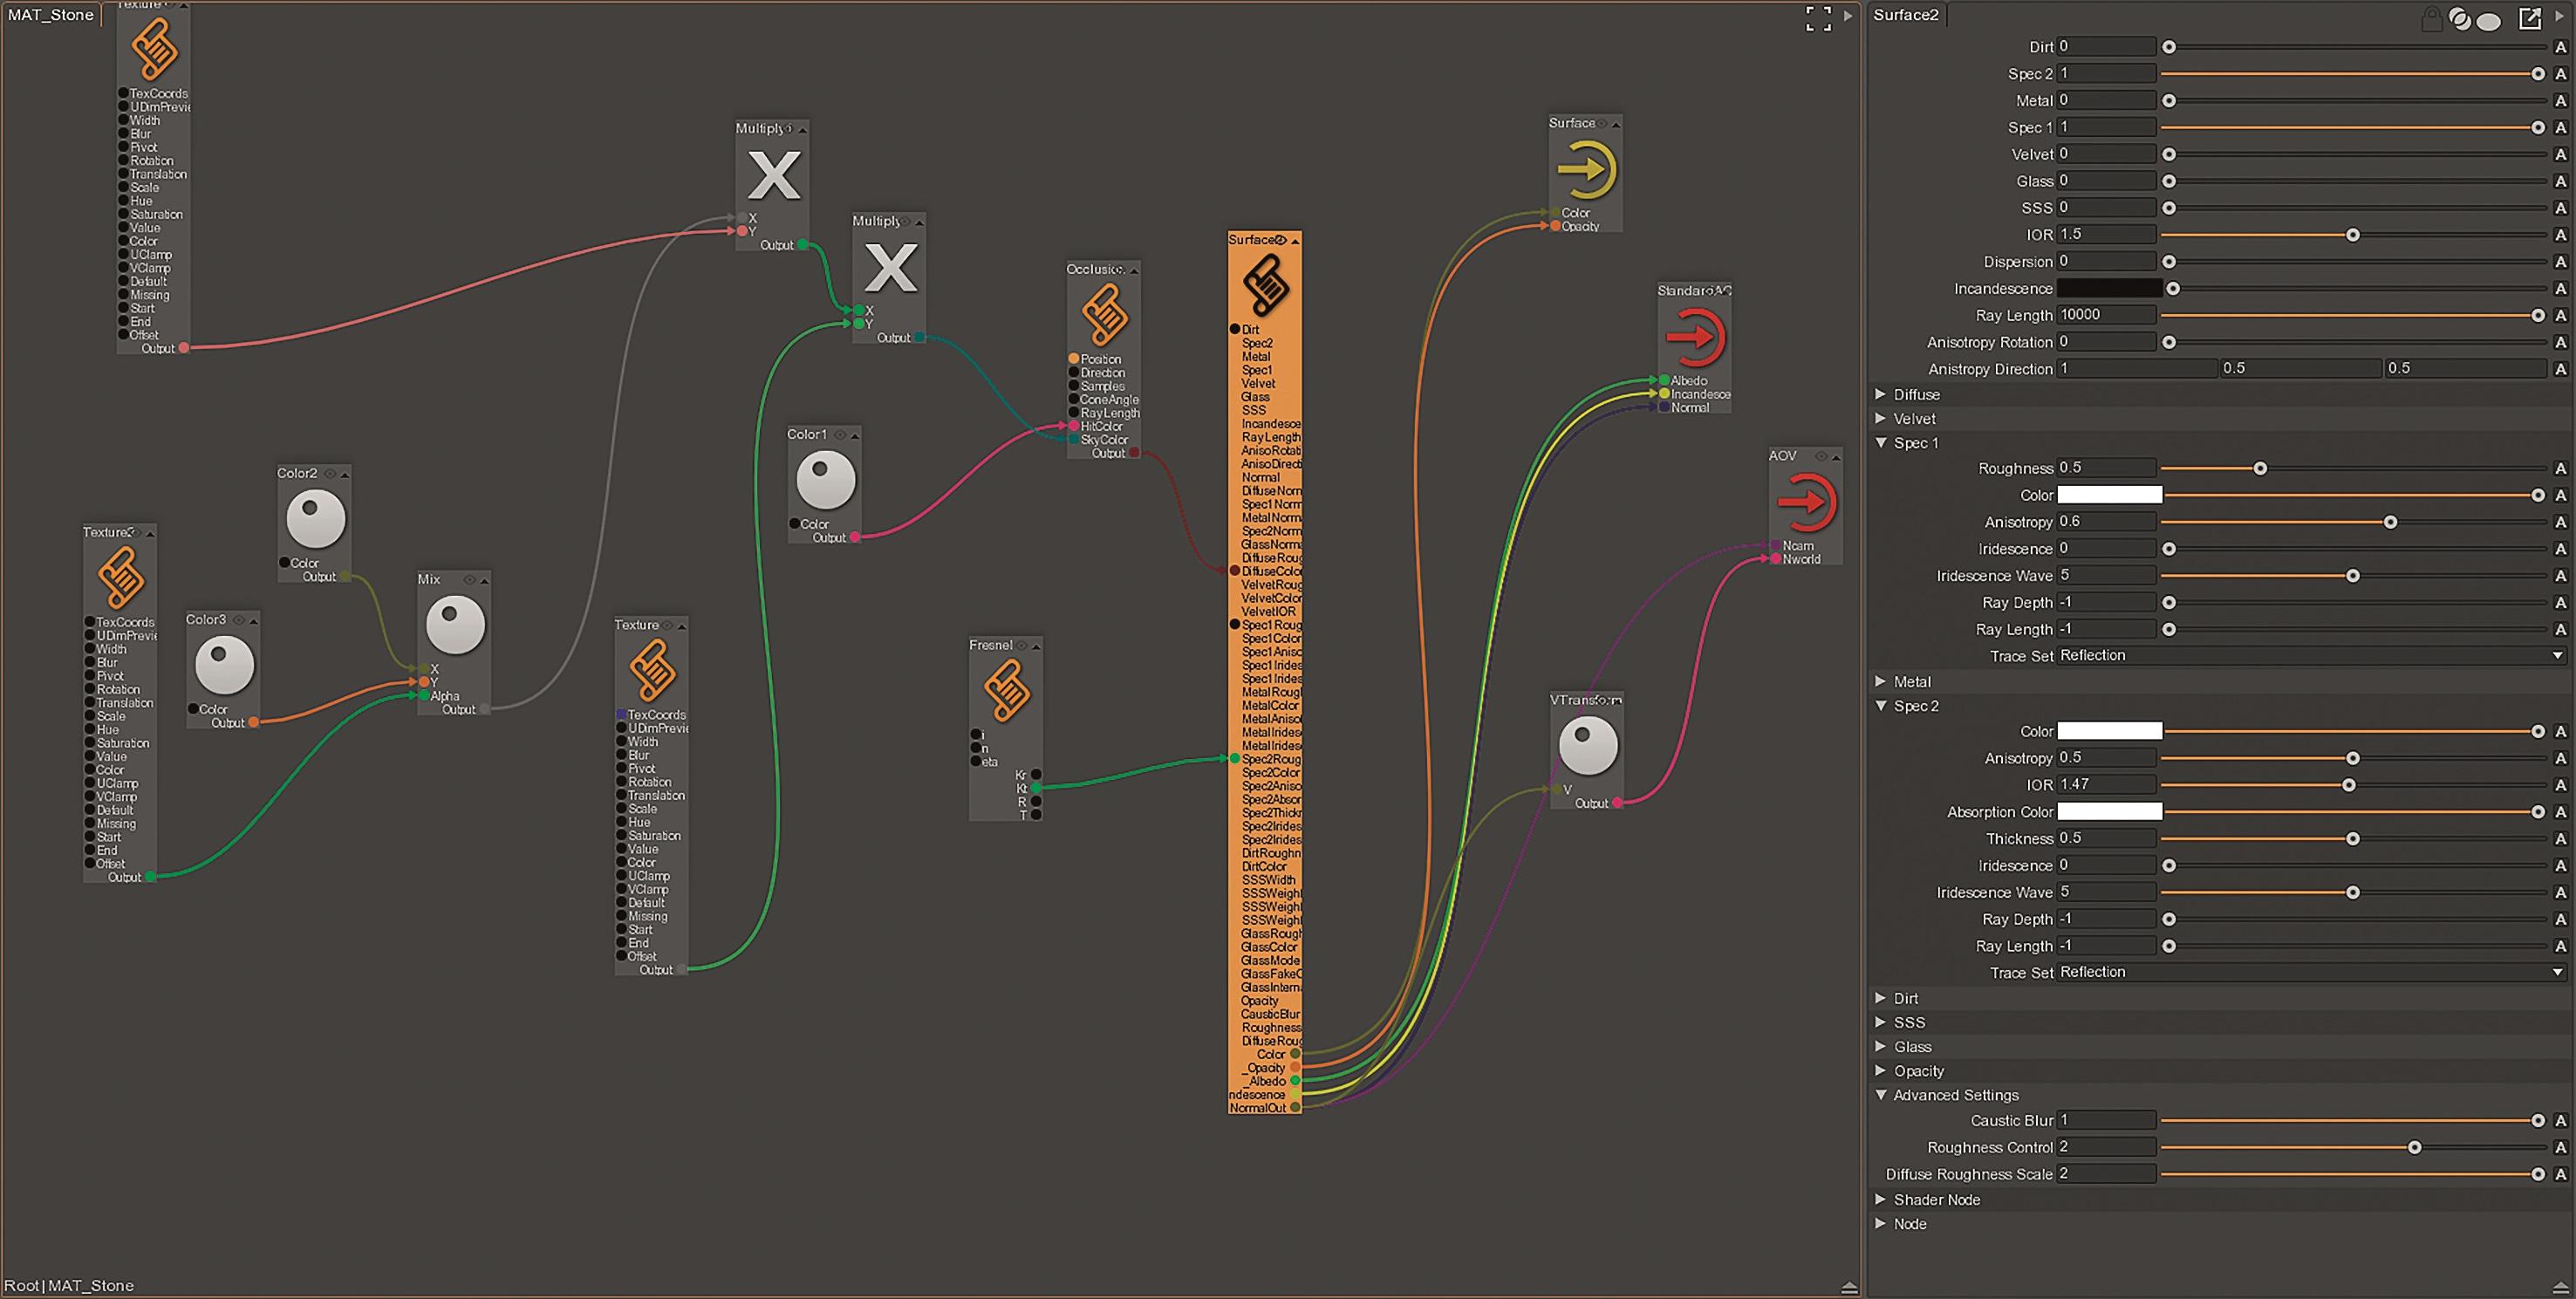 Materialien können als eigenständige Graphen aufgebaut und zwischen Projekten ausgetauscht werden.